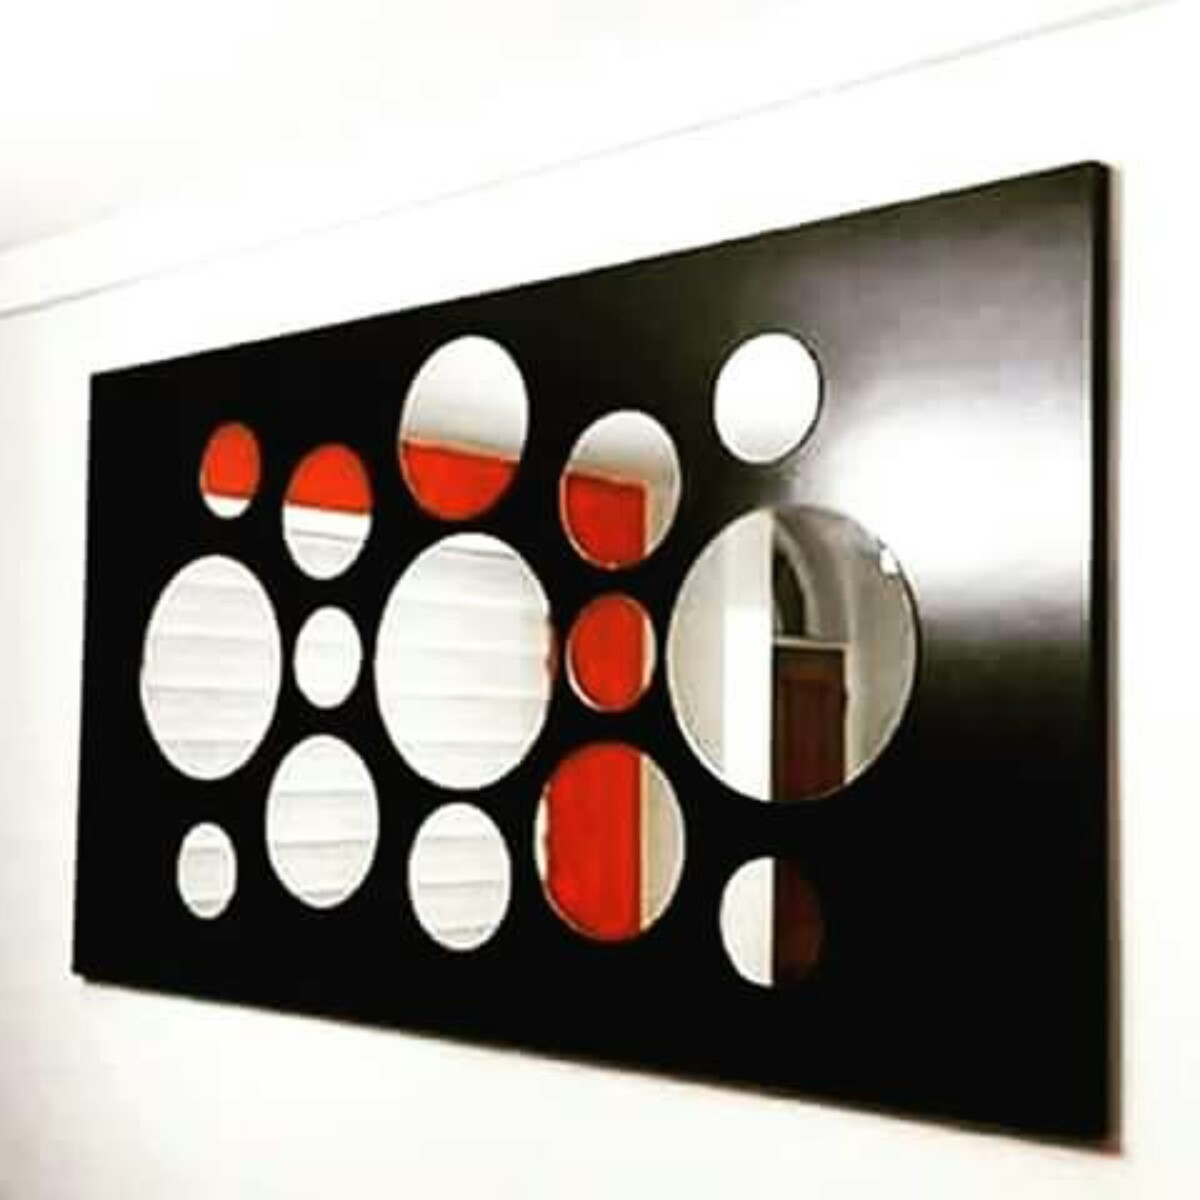 Cuadro m nimalista consola con espejos mdf melaminico bs for Marcos de espejos modernos